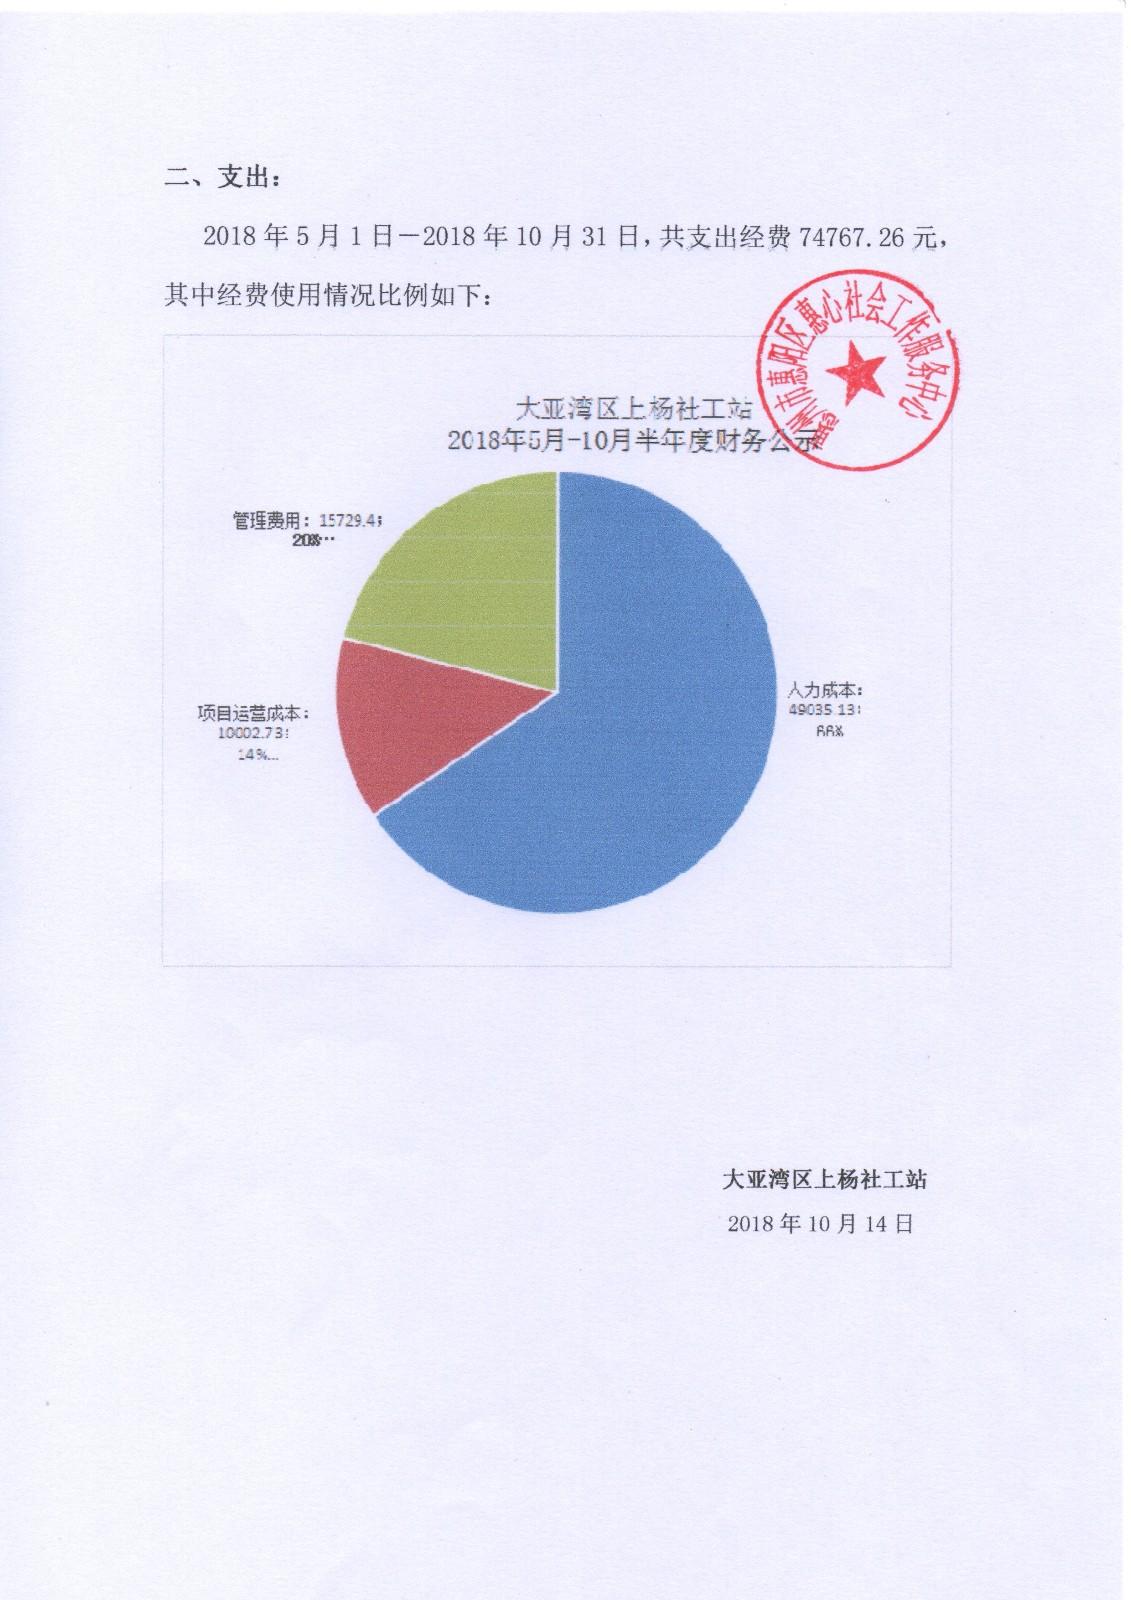 2018年上杨5-10月半年财务公式|公告栏-网赌ag作弊器|官网